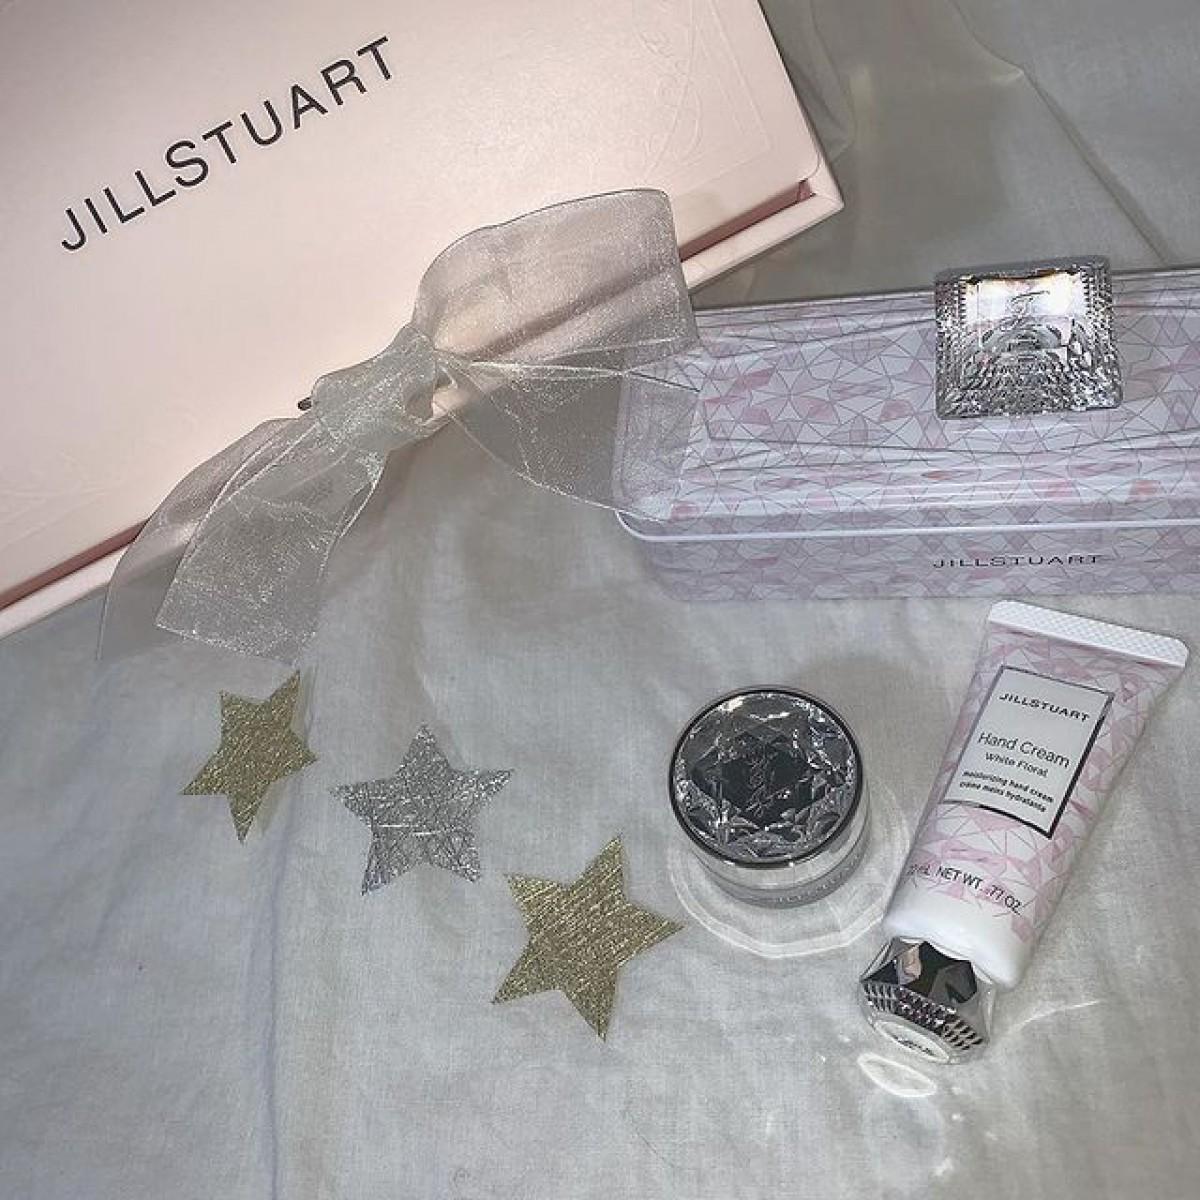 パッケージだけじゃなく香りも素敵なJILL STUART。甘〜いflavorたちのまとめ